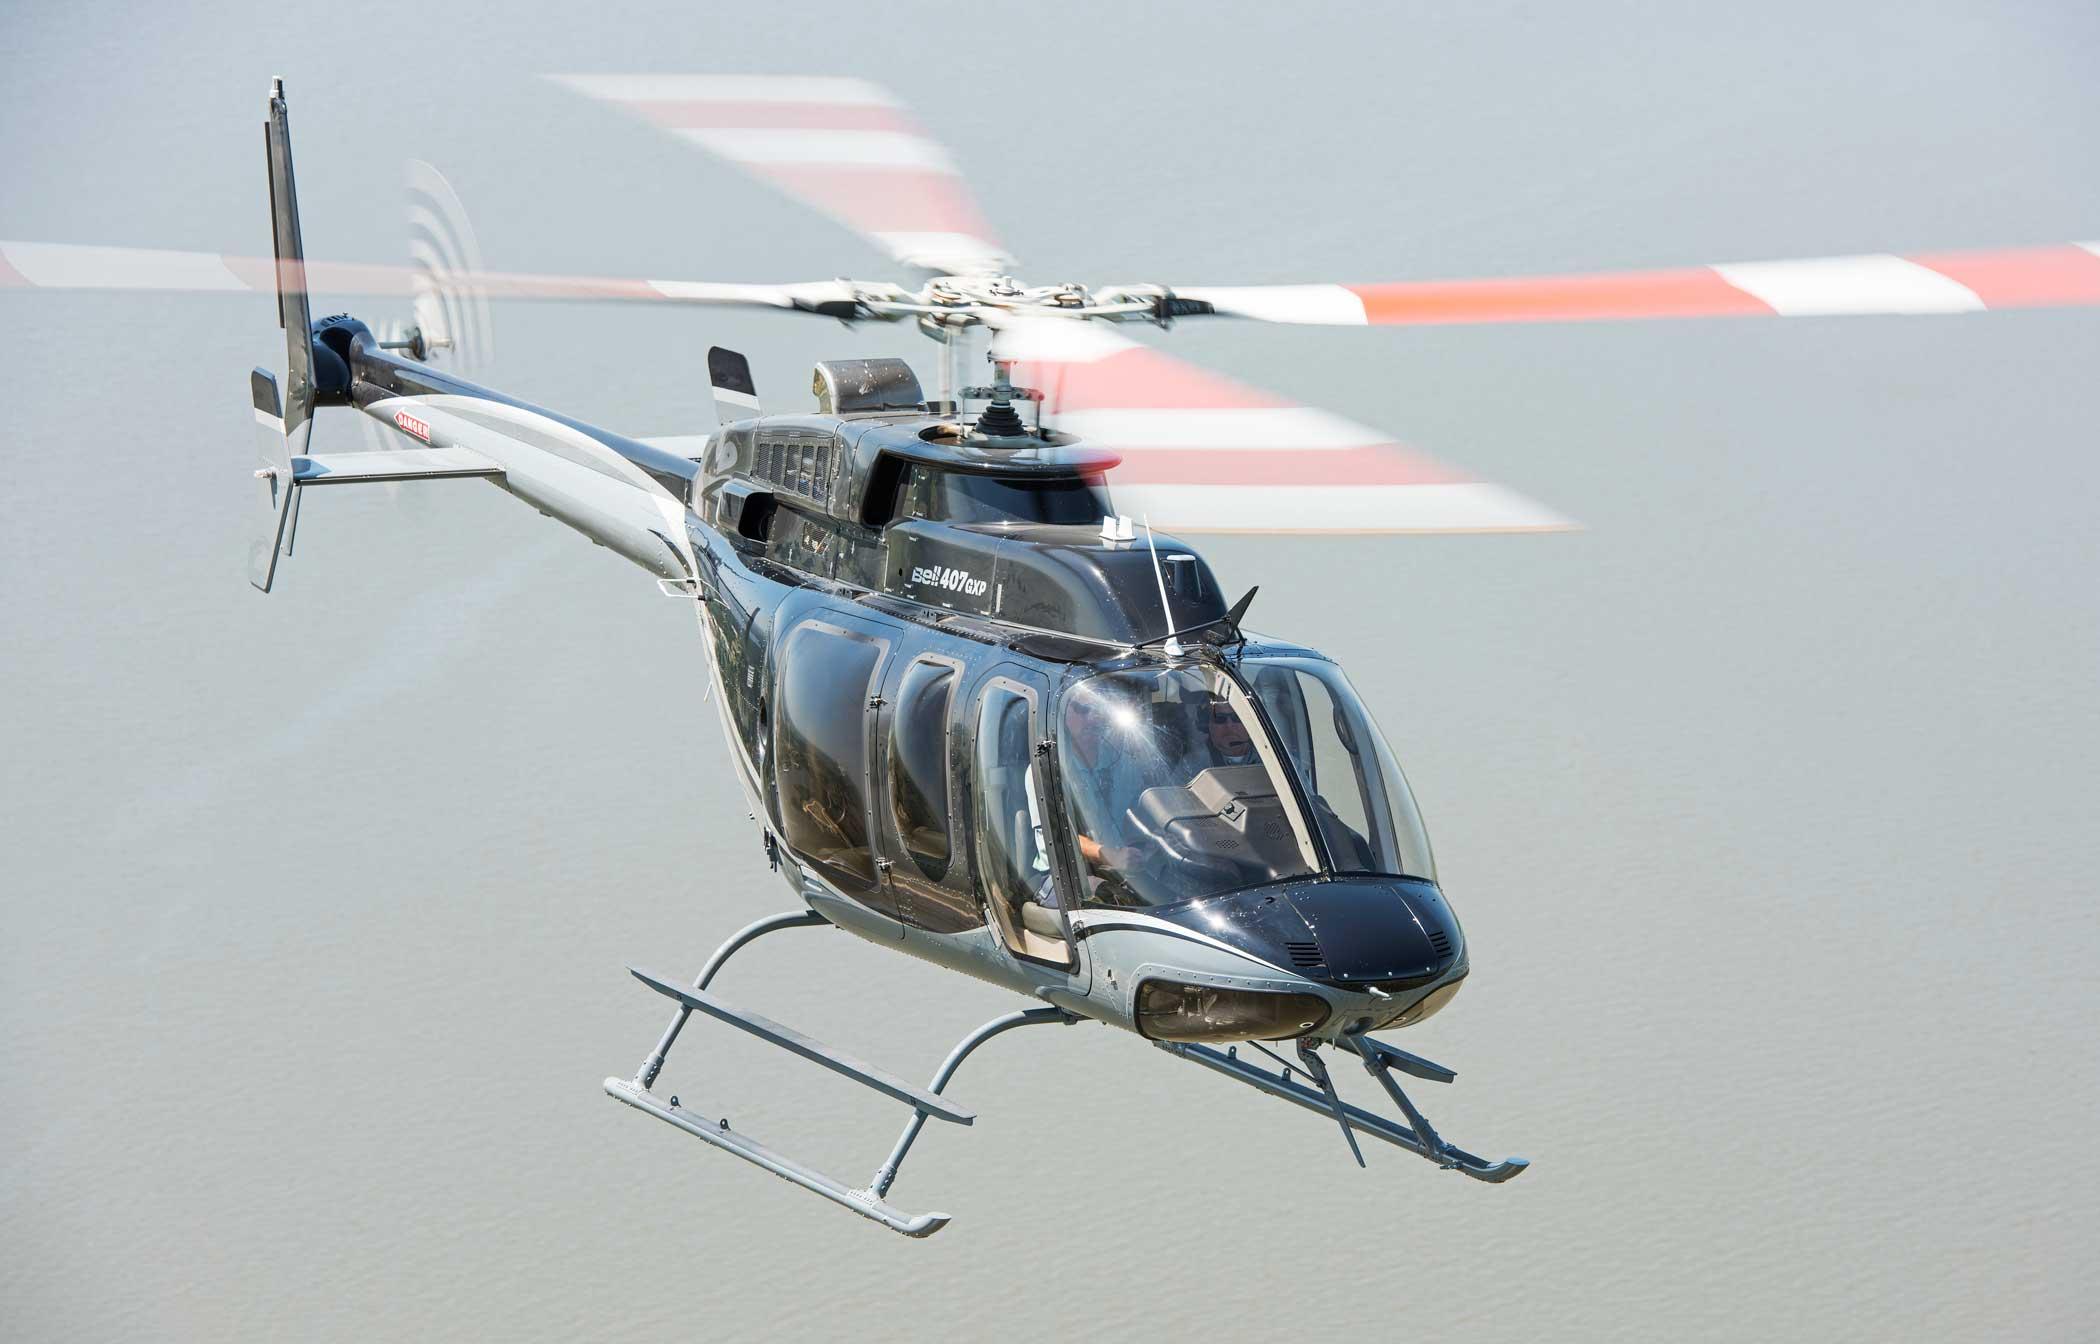 Kanada'da helikopter düştü: 3 ölü